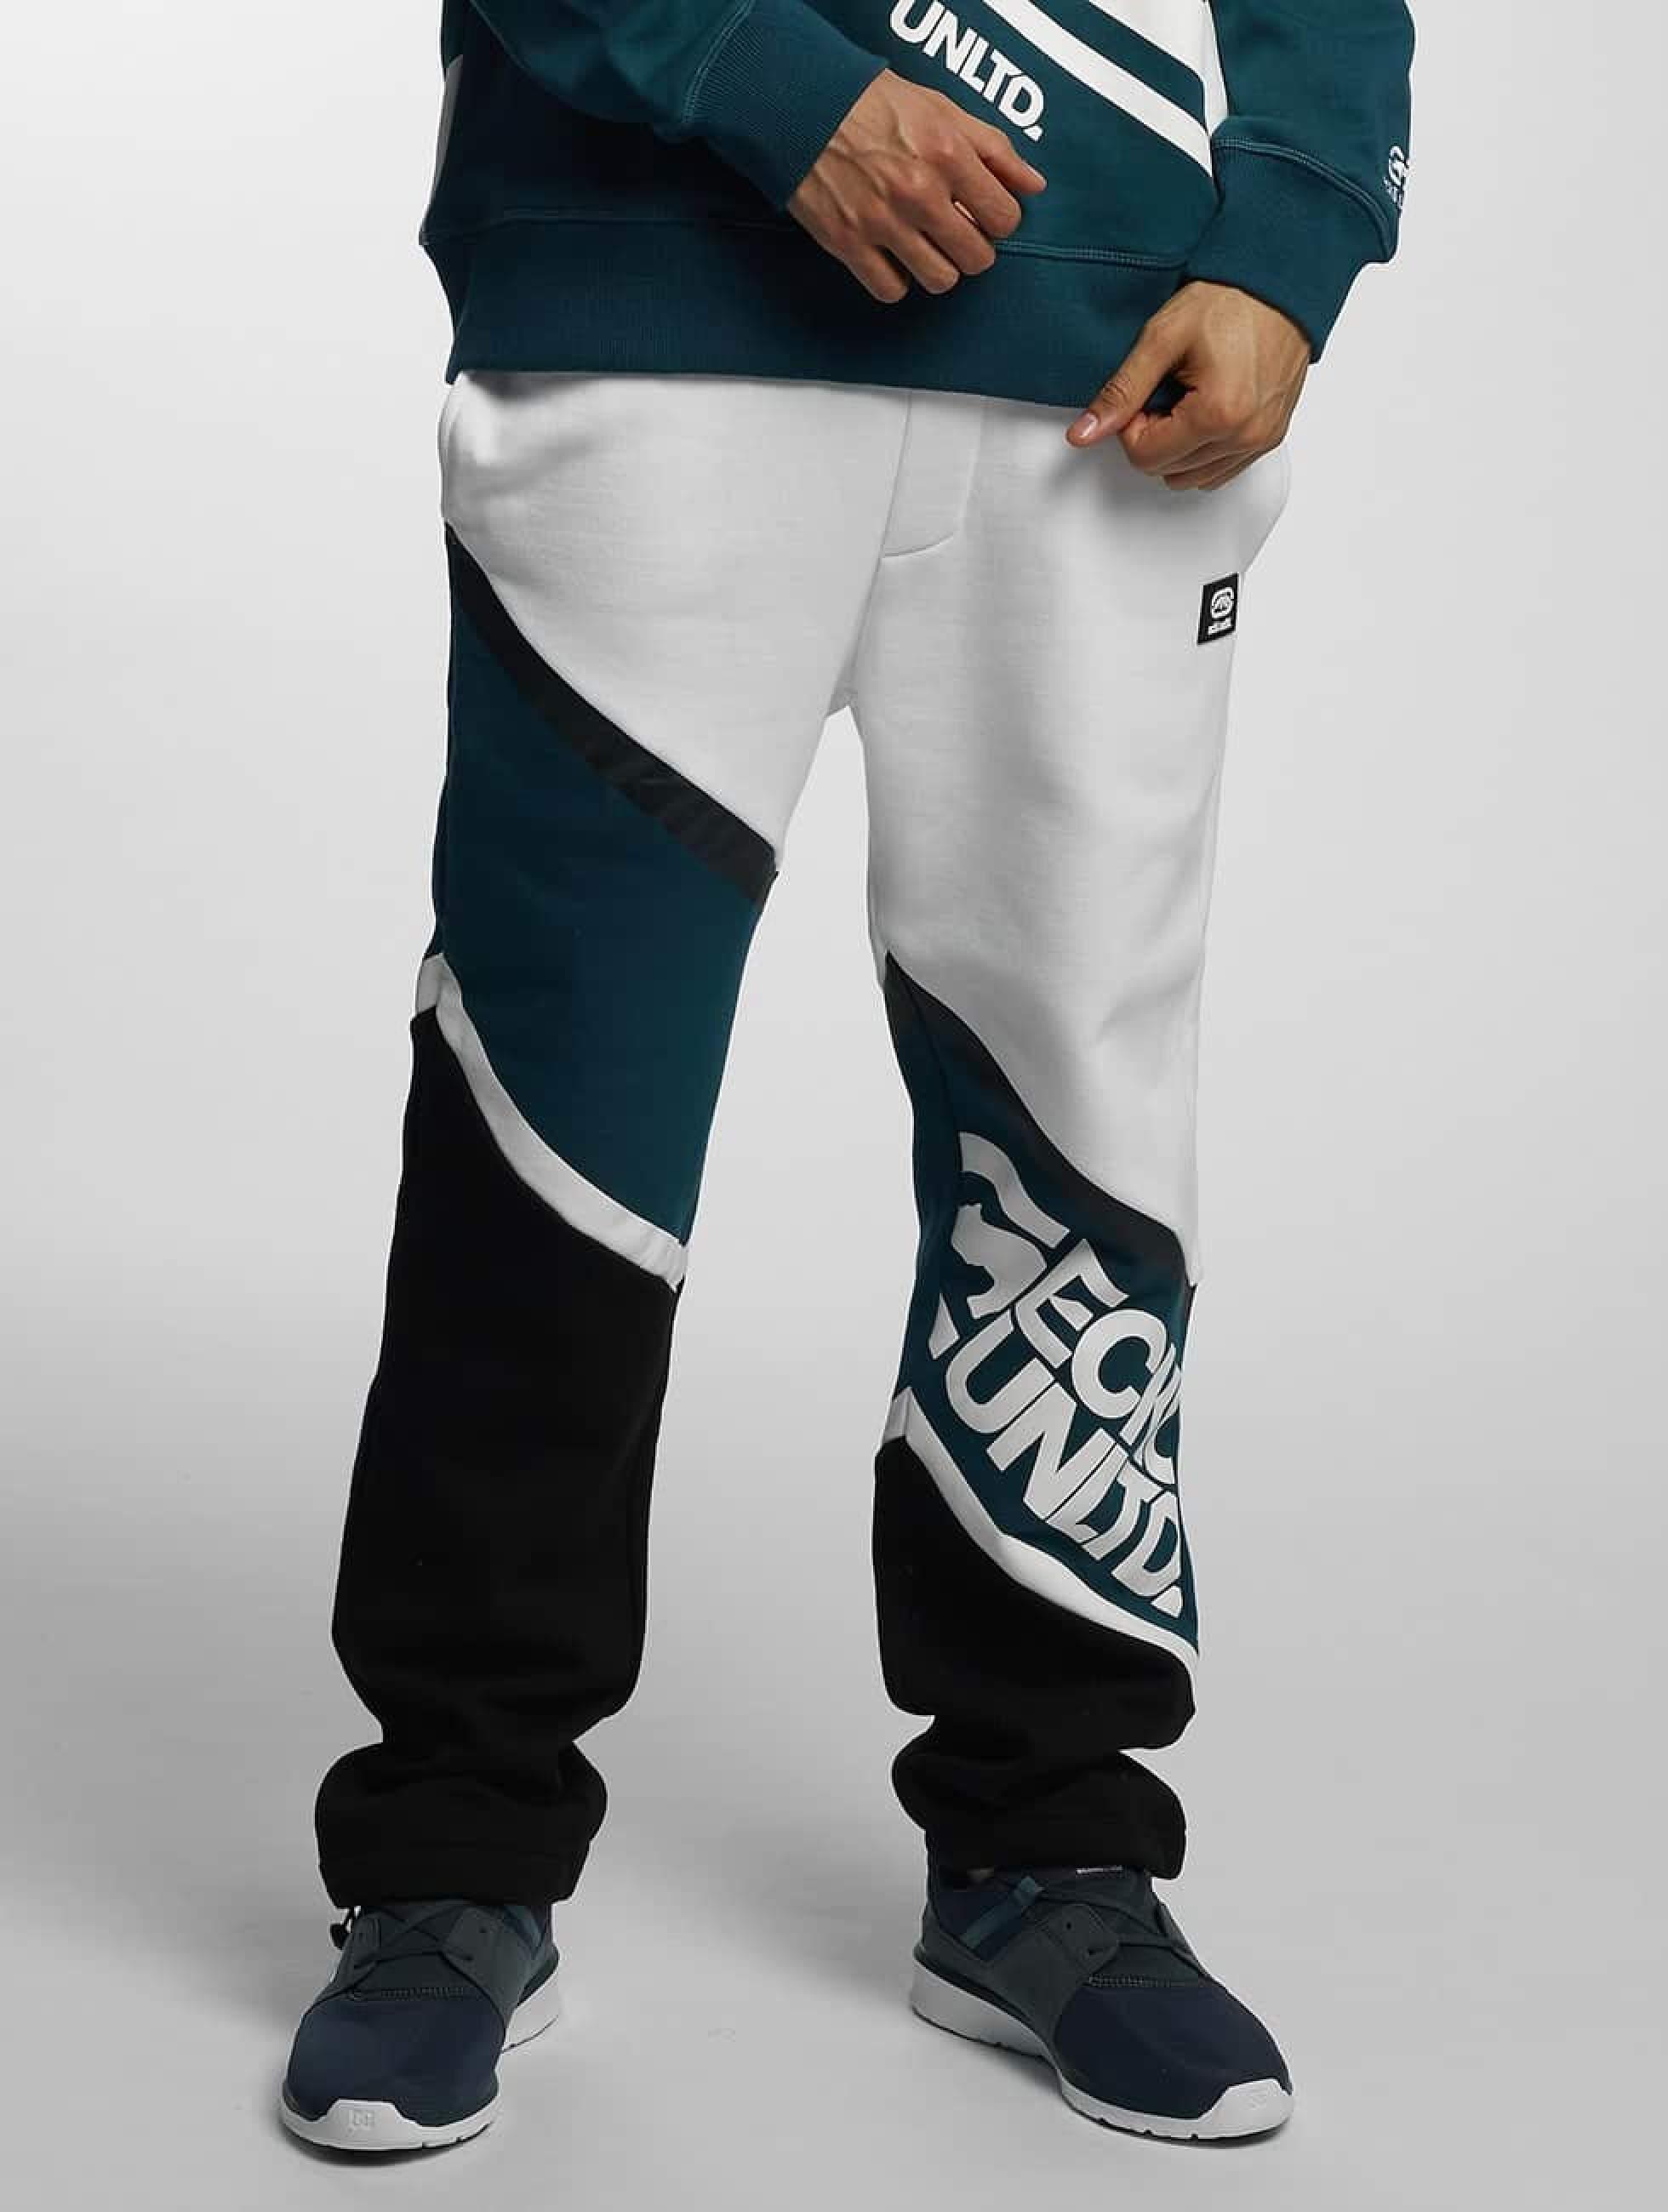 Ecko Unltd. / Sweat Pant Vintage in green 2XL